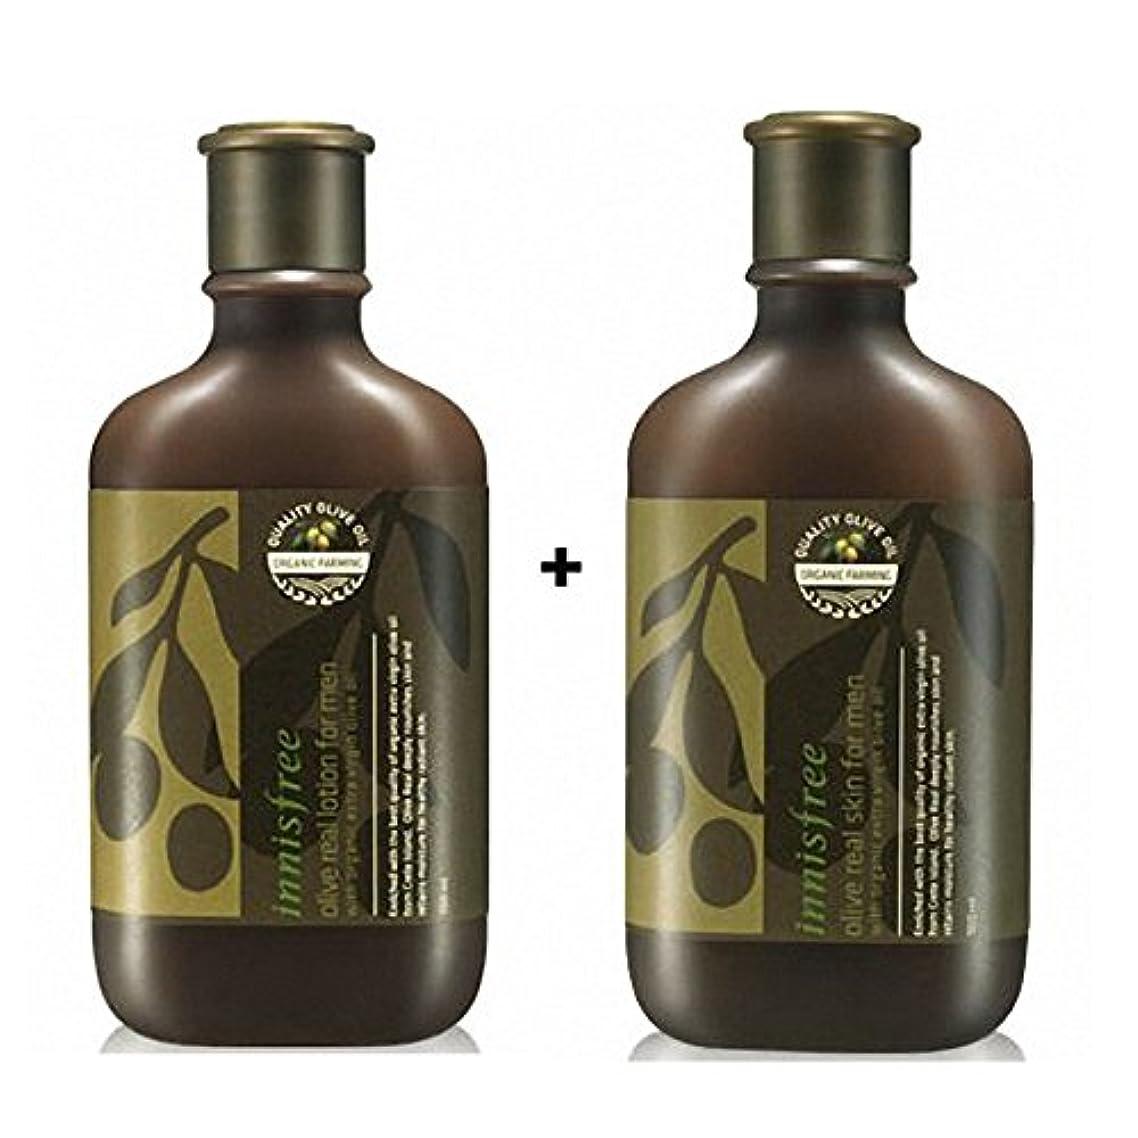 検証明るいドナウ川[イニスフリー] Innisfree オリーブリアルローション.スキンフォアマンセット(150ml+150ml) Innisfree Olive Real Lotion.Skin Set  For Men(150ml+150ml)  [海外直送品]